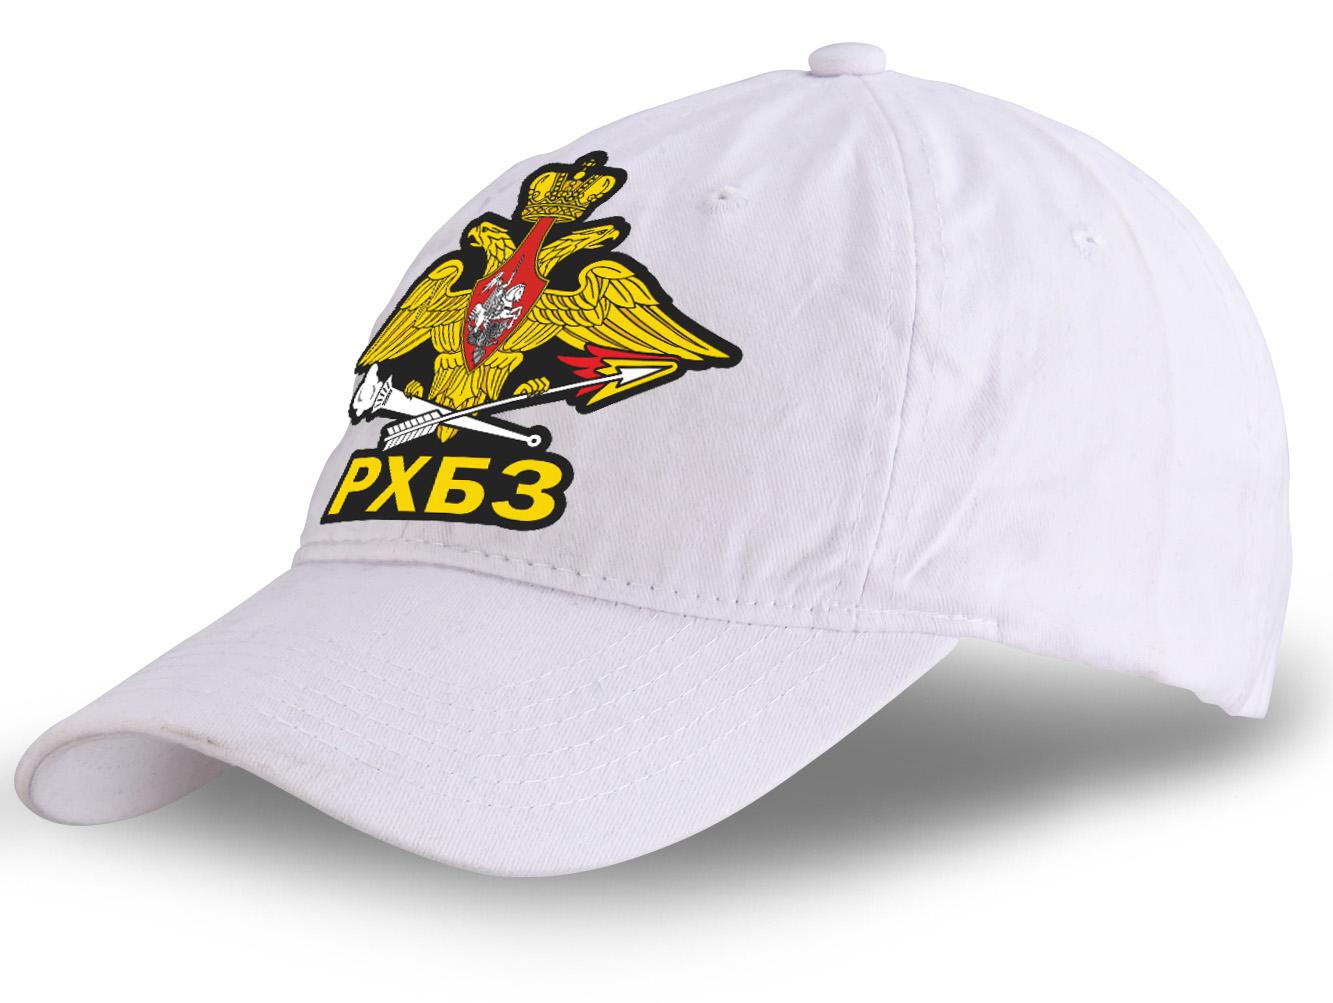 Чёткая летняя кепка с наклейкой РХБЗ